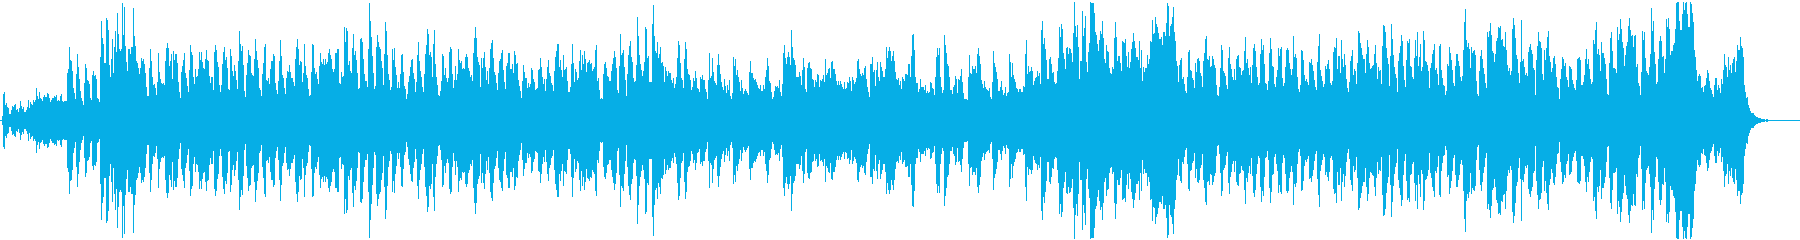 冒険をイメージした壮大なゲーム音楽の再生済みの波形